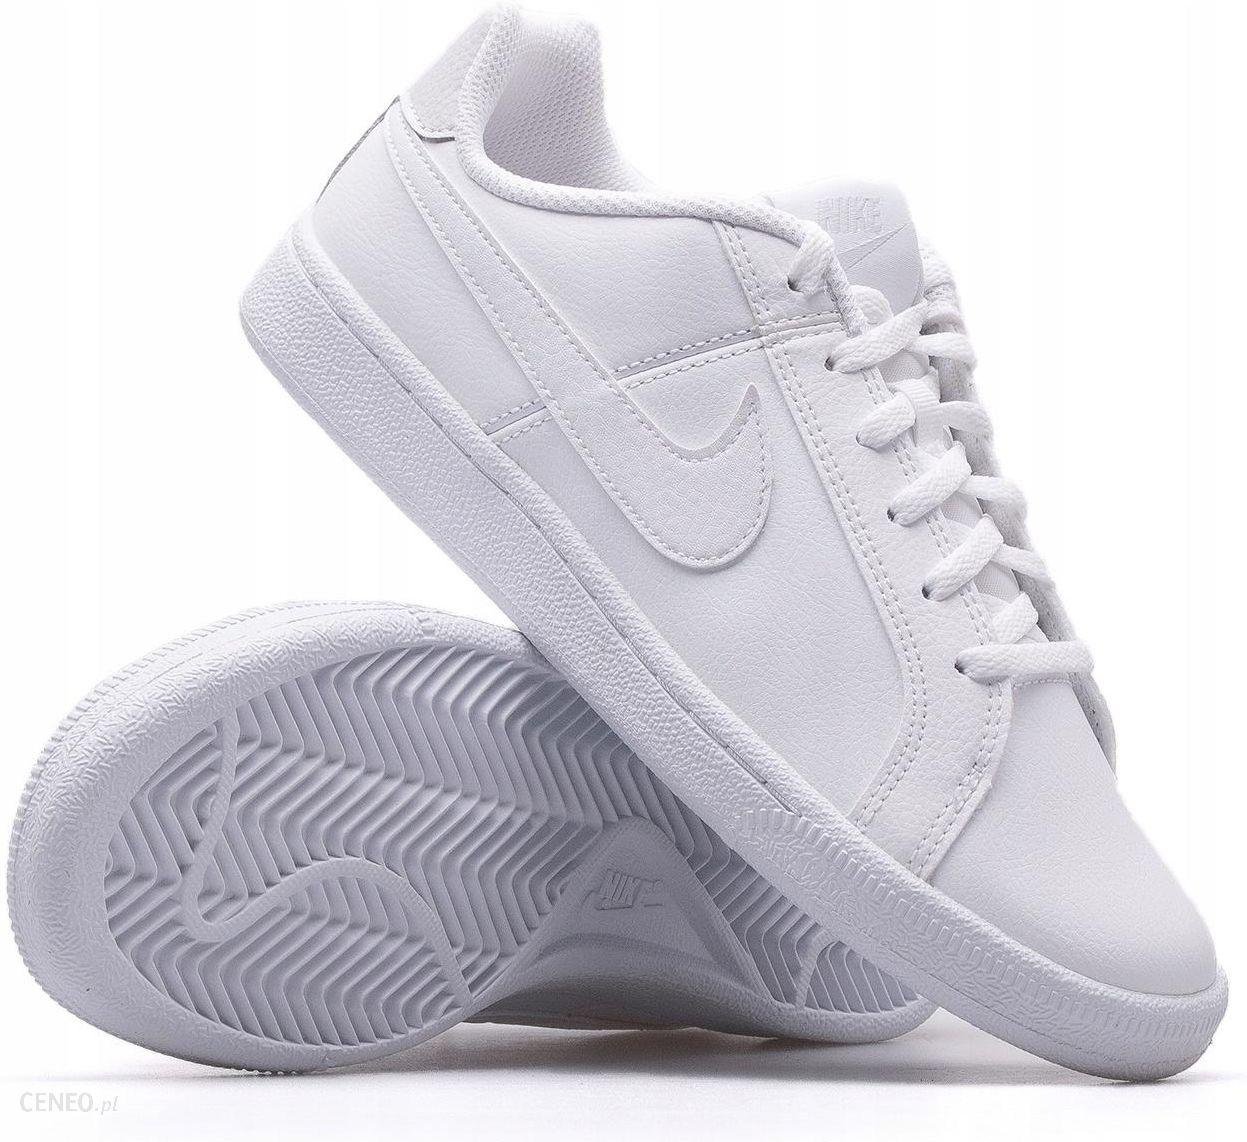 Buty damskie białe Nike Court 833654 102 36 Ceny i opinie Ceneo.pl